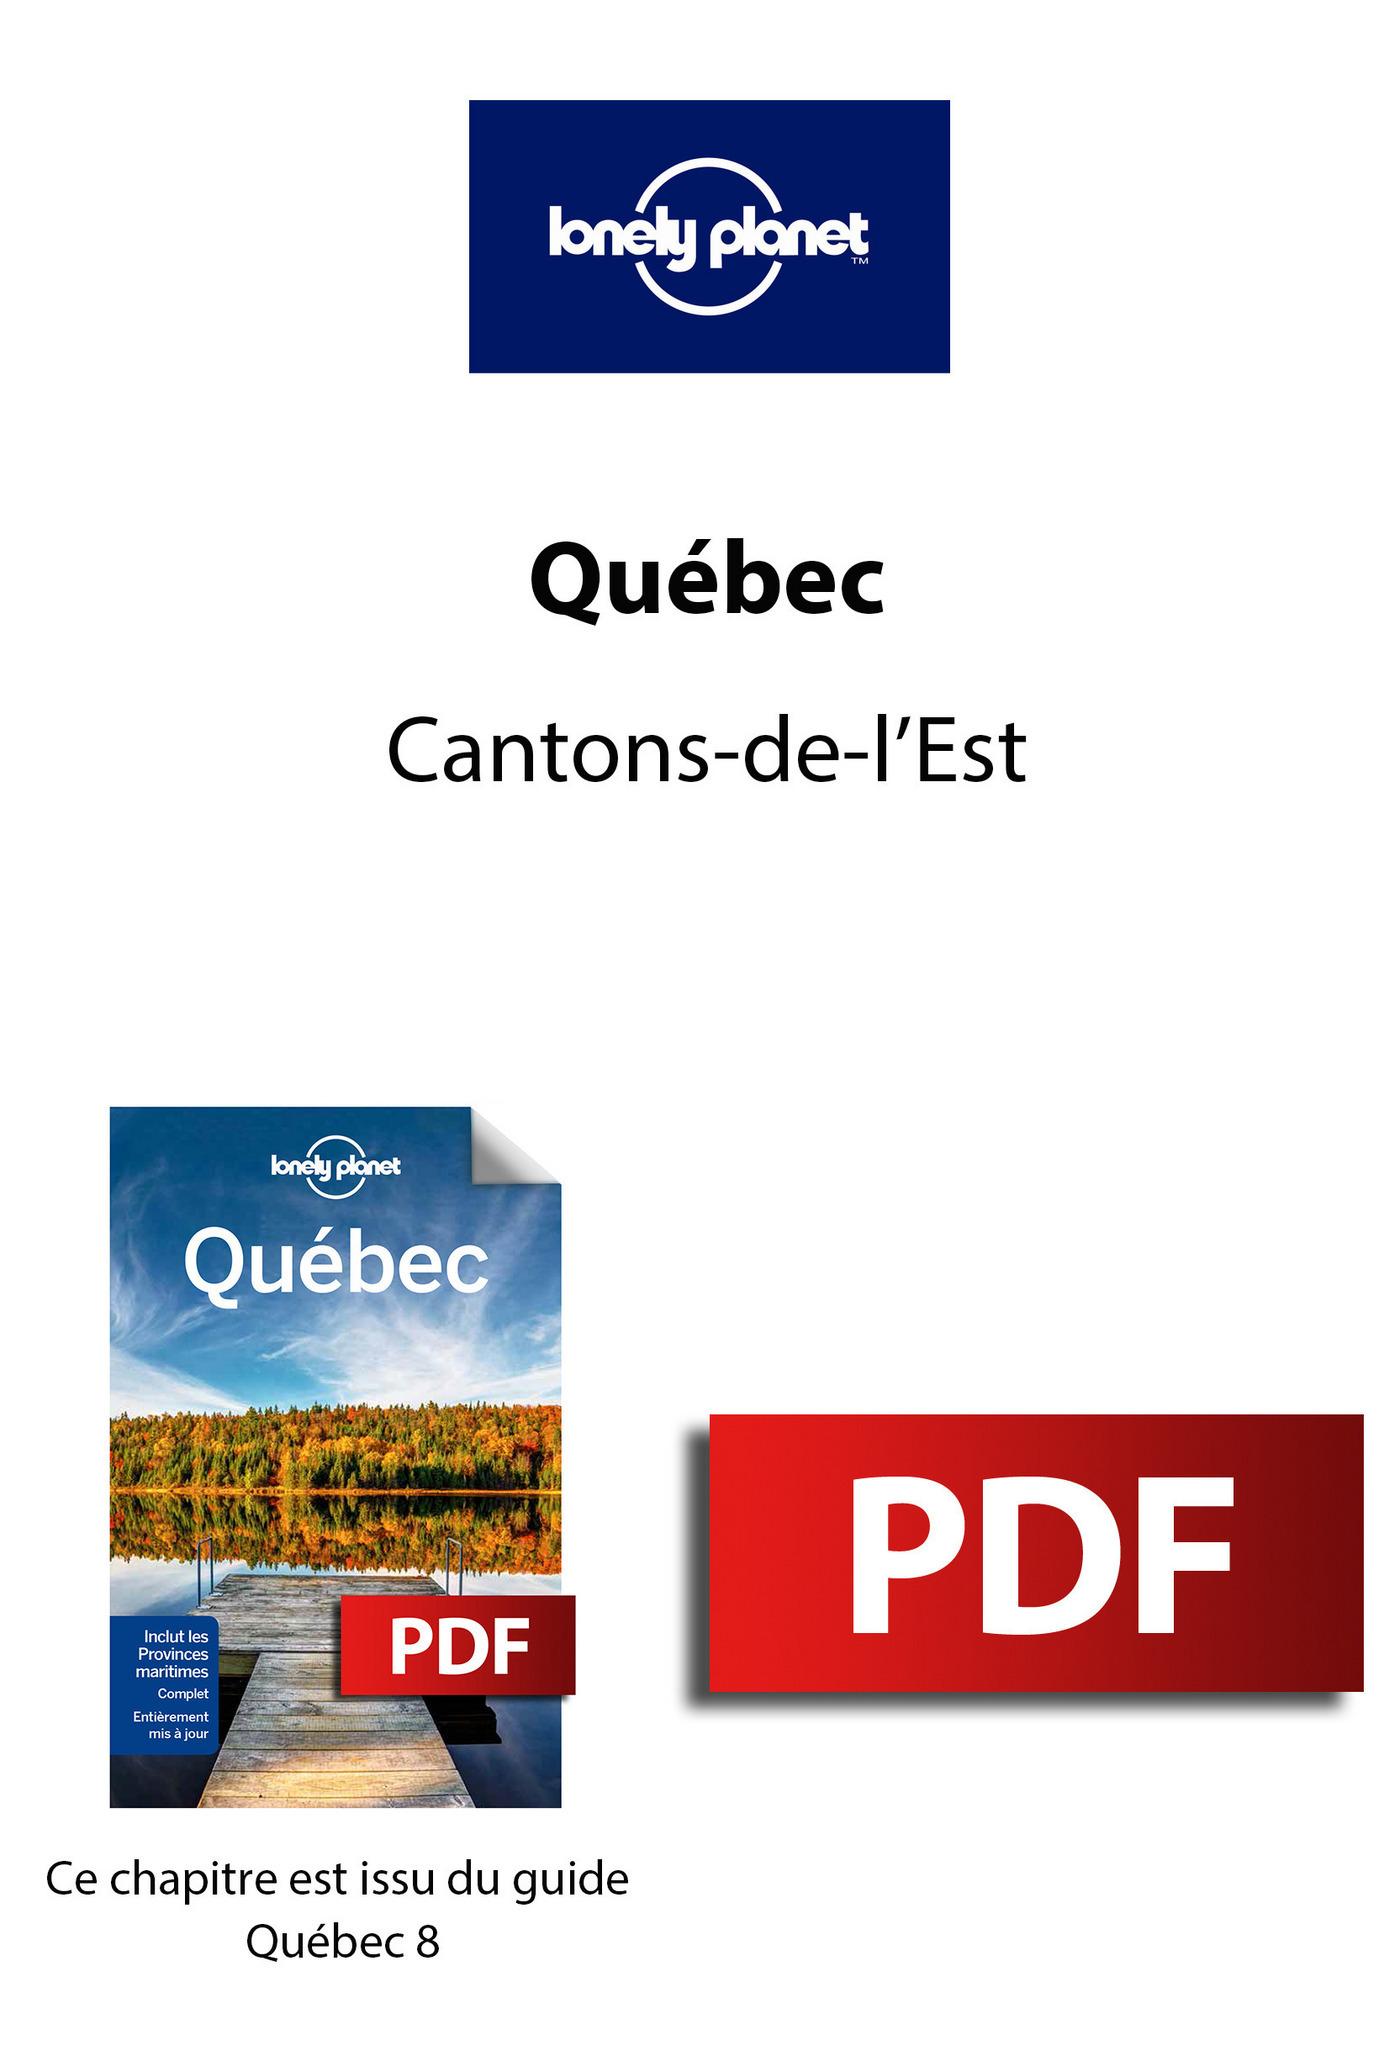 Québec - Cantons-de-l'Est